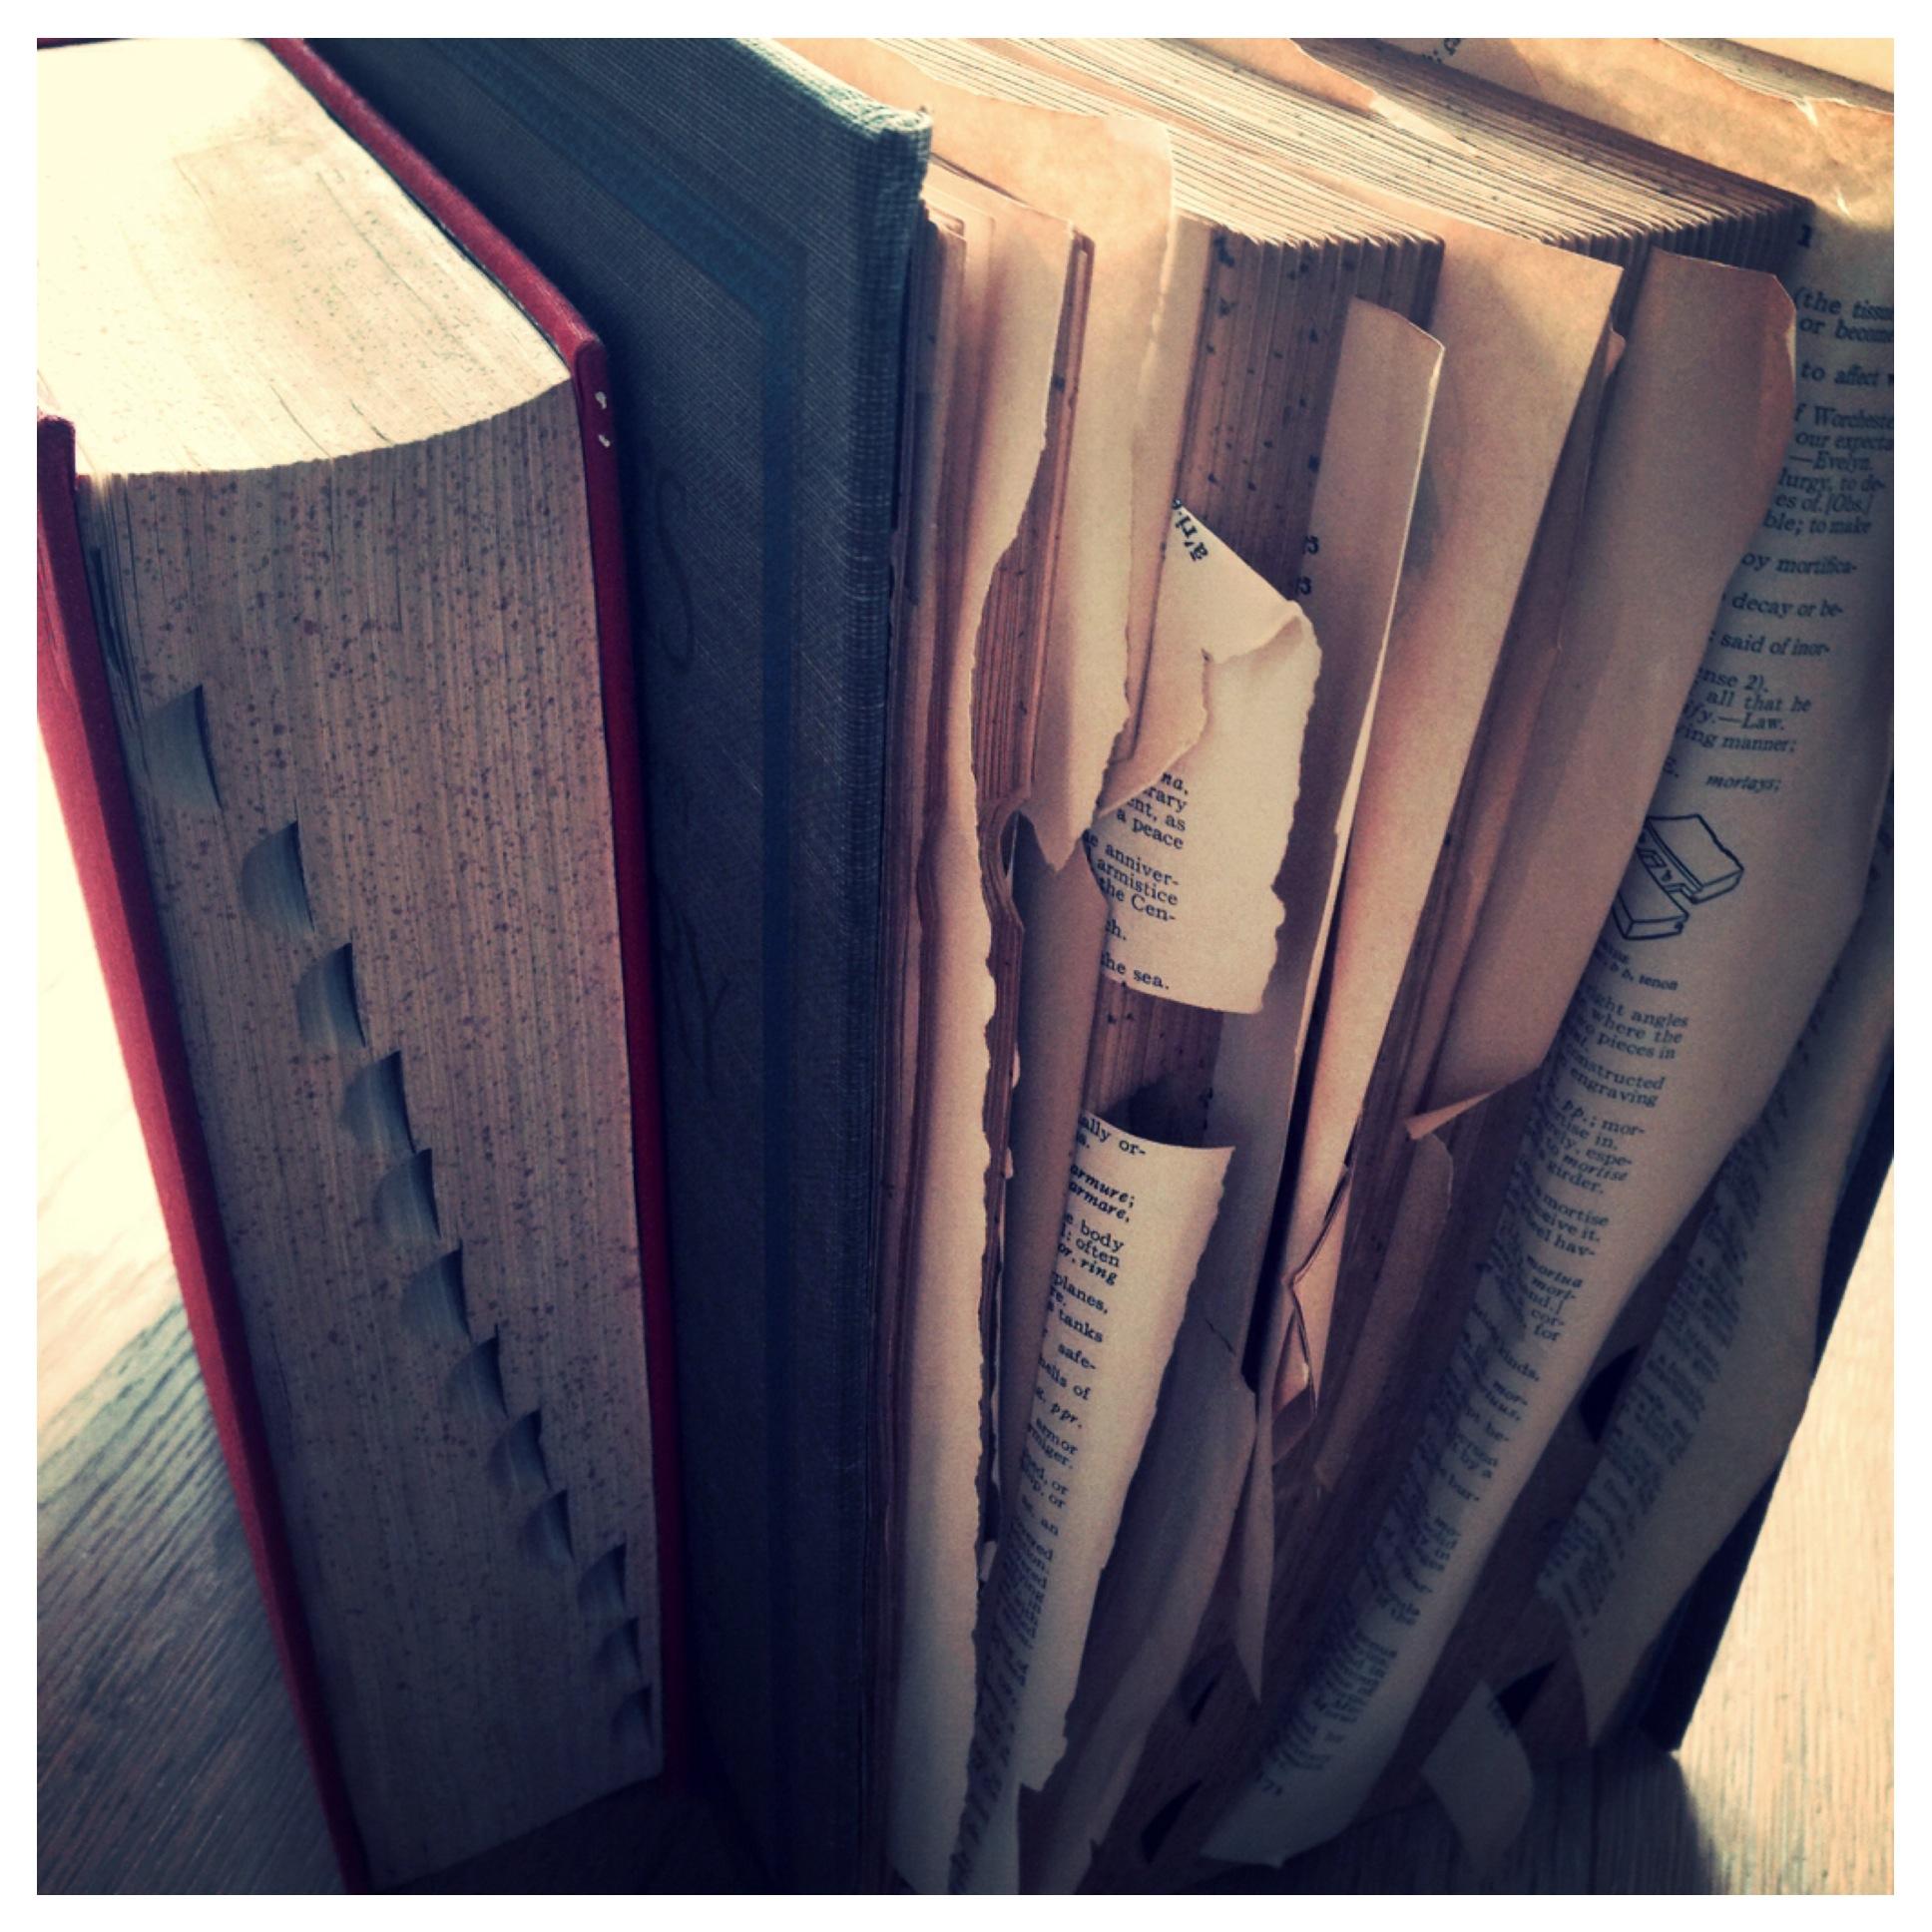 inside books